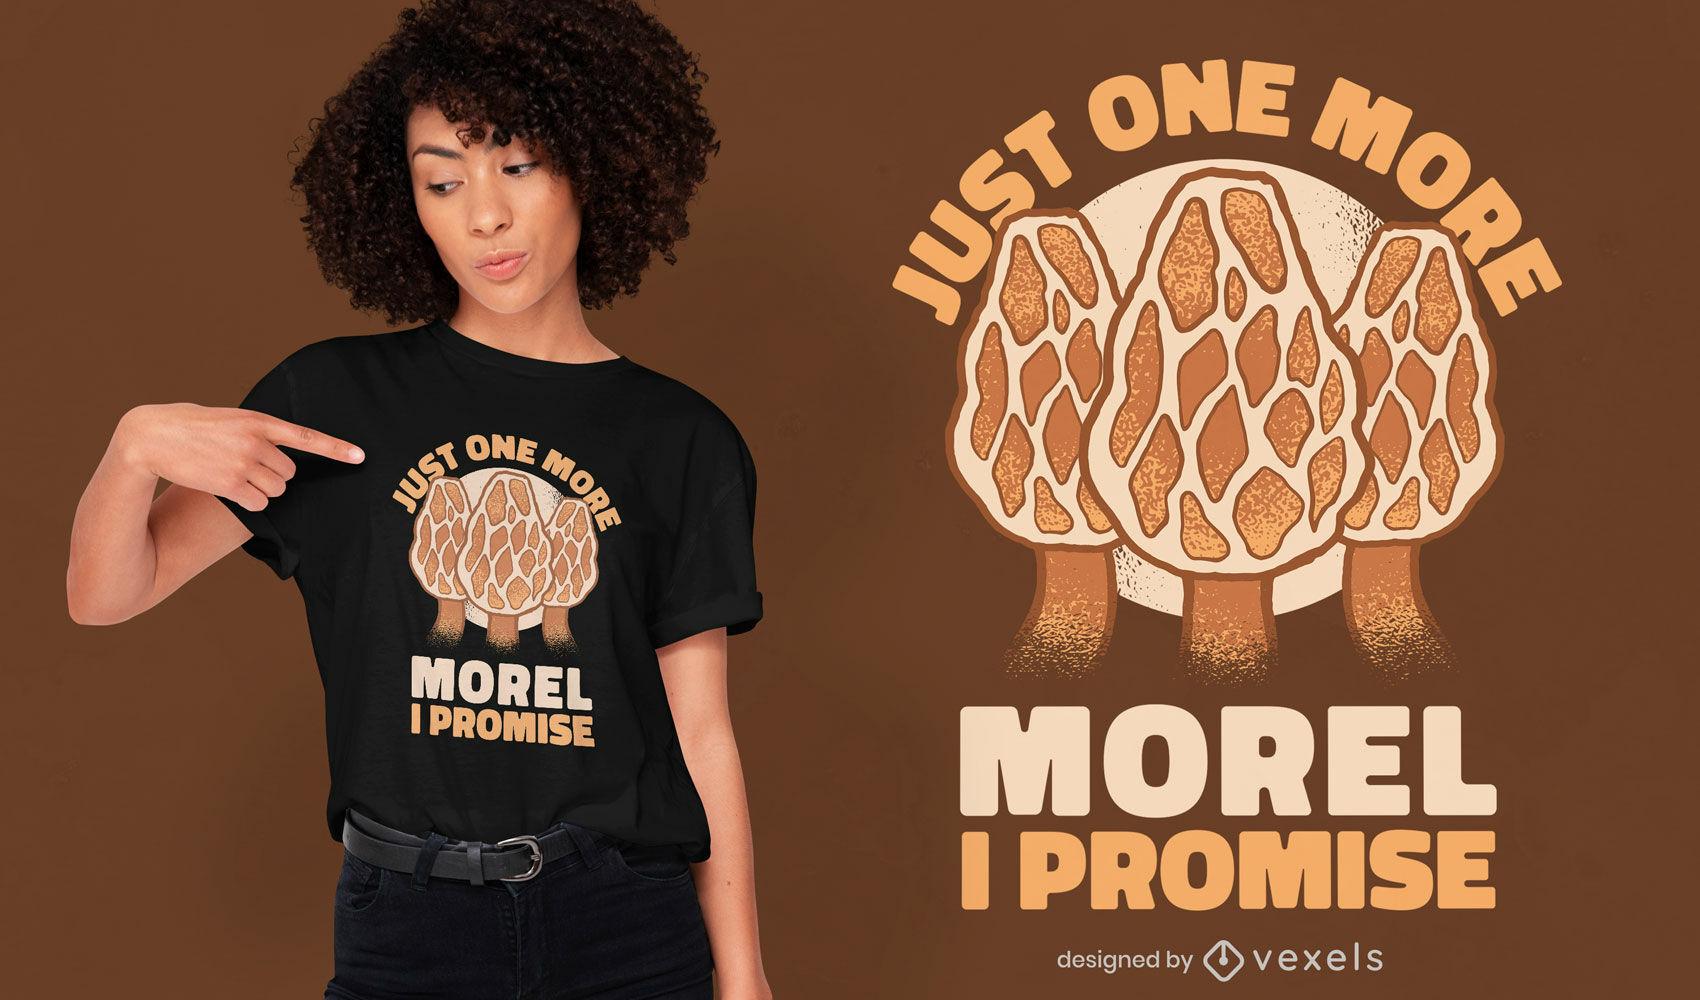 Morel fungi quote t-shirt design